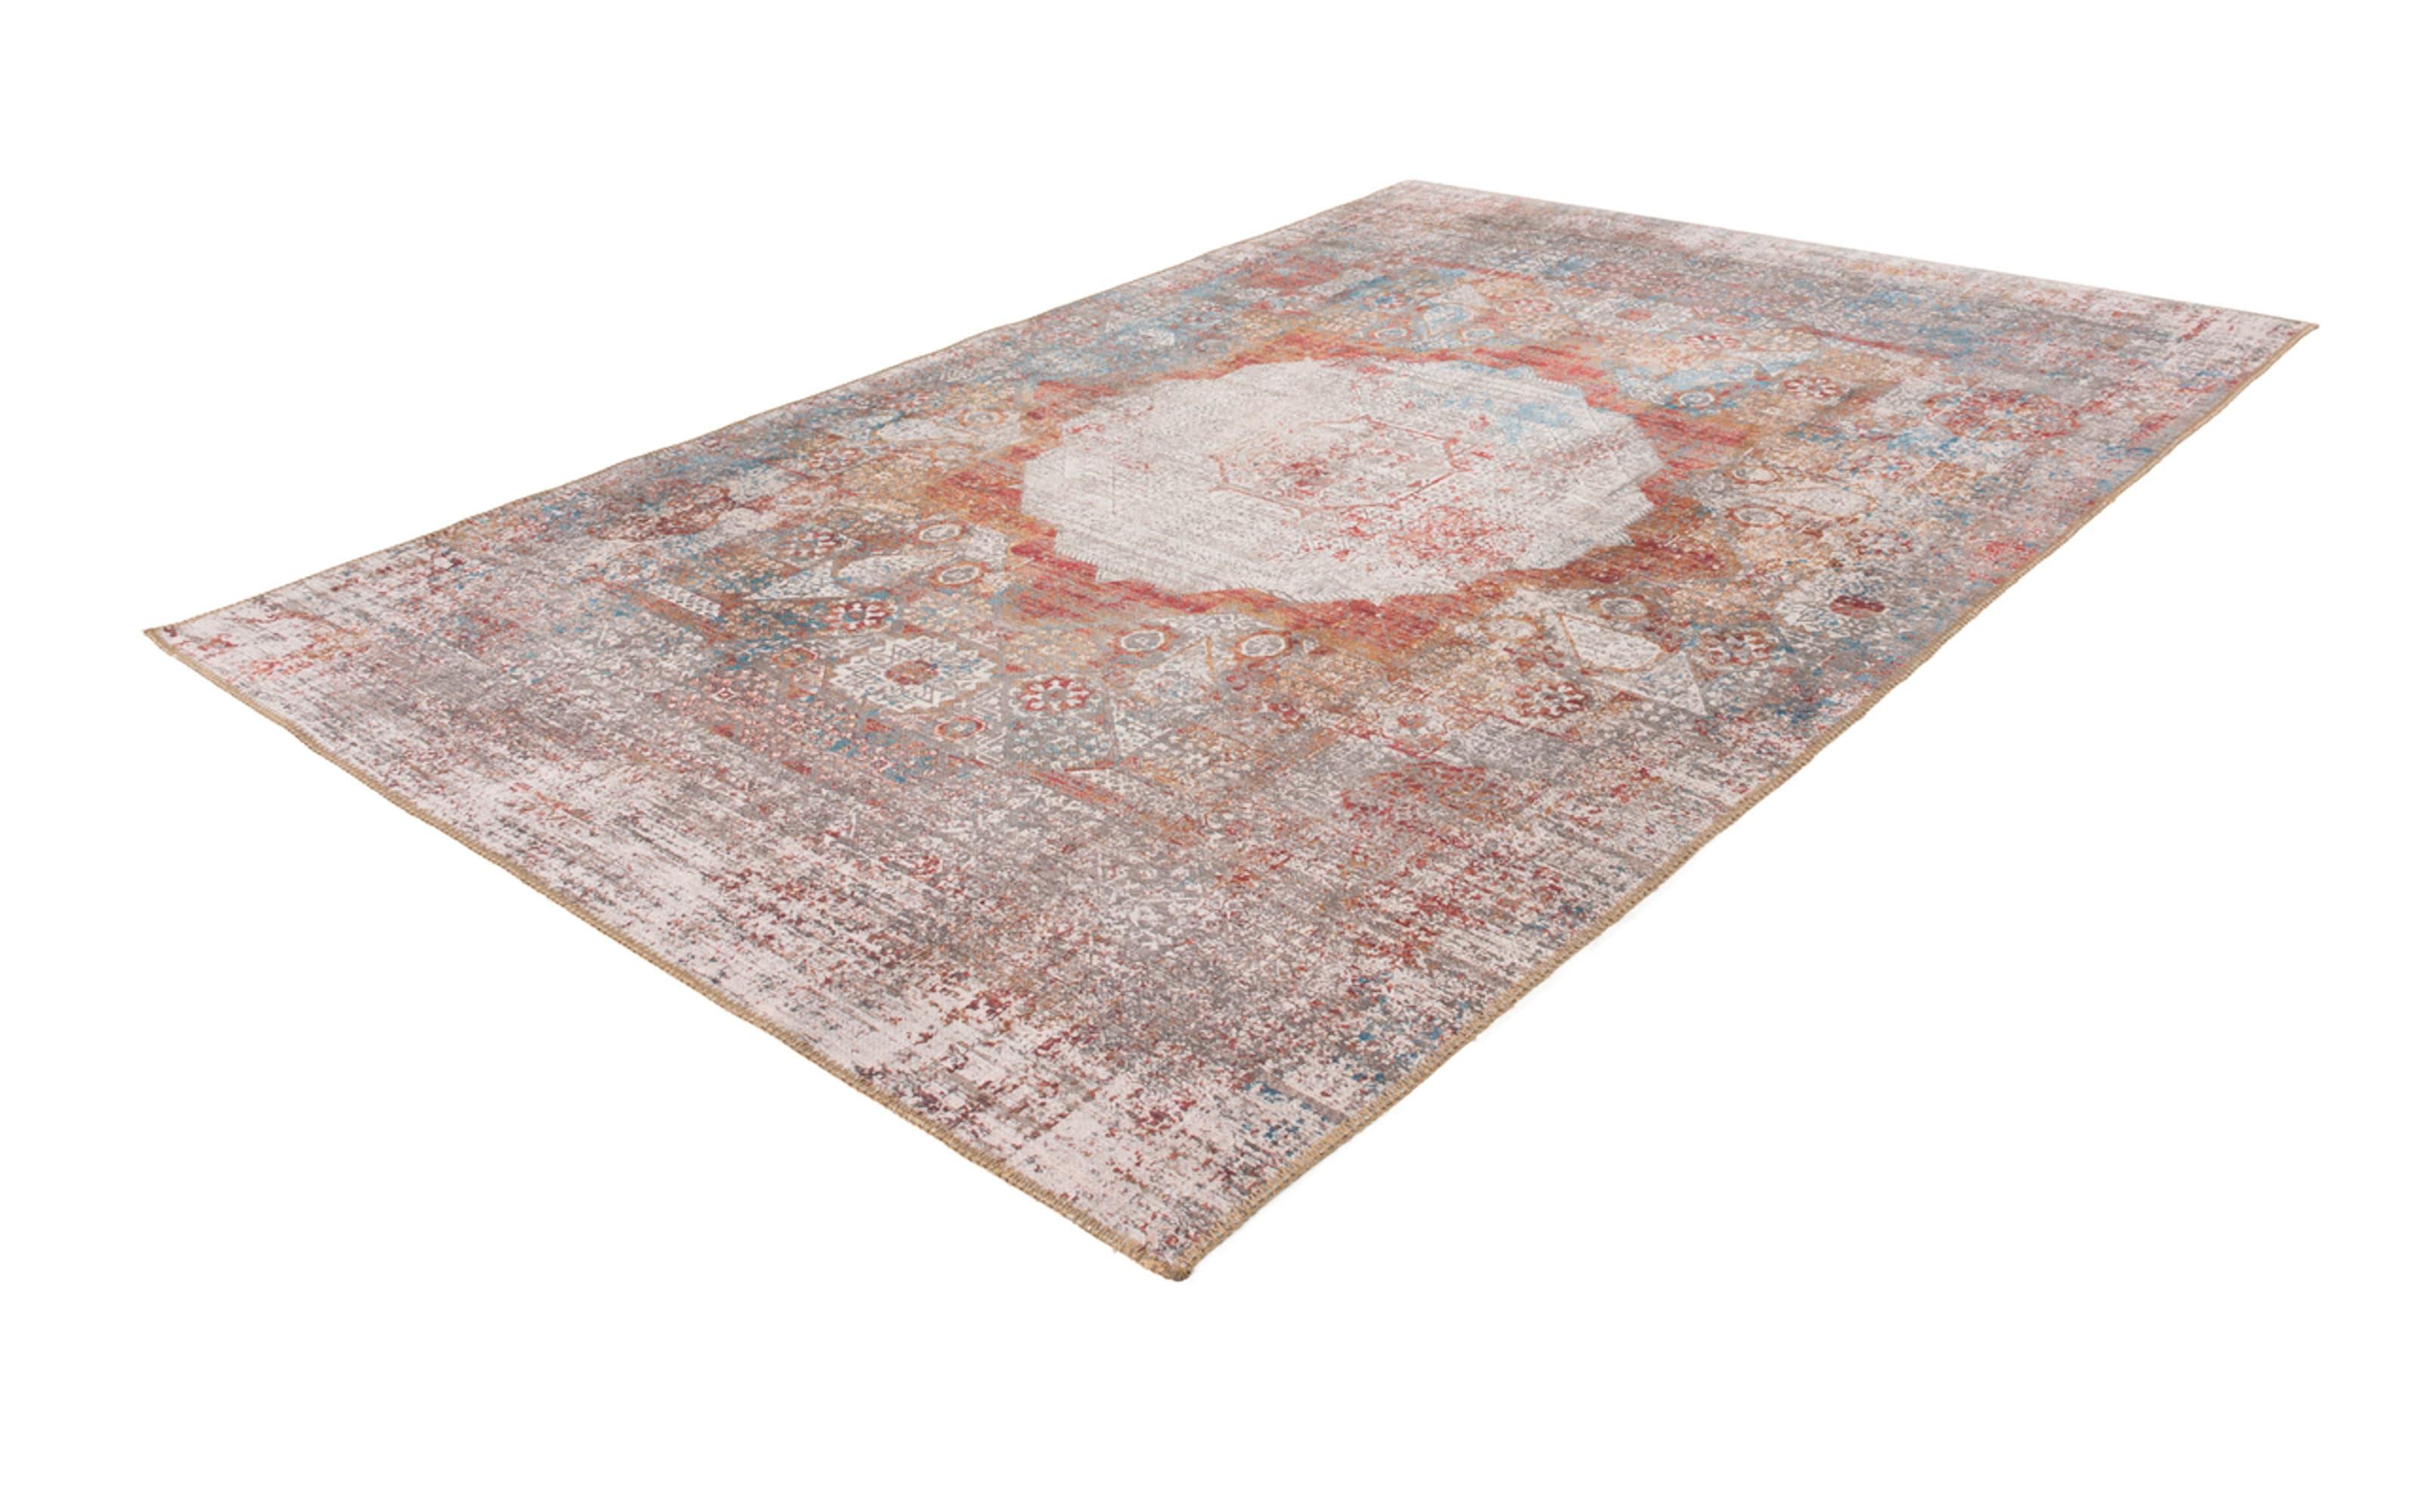 Teppich Faye 125 in multi, ca. 120 x 180 cm